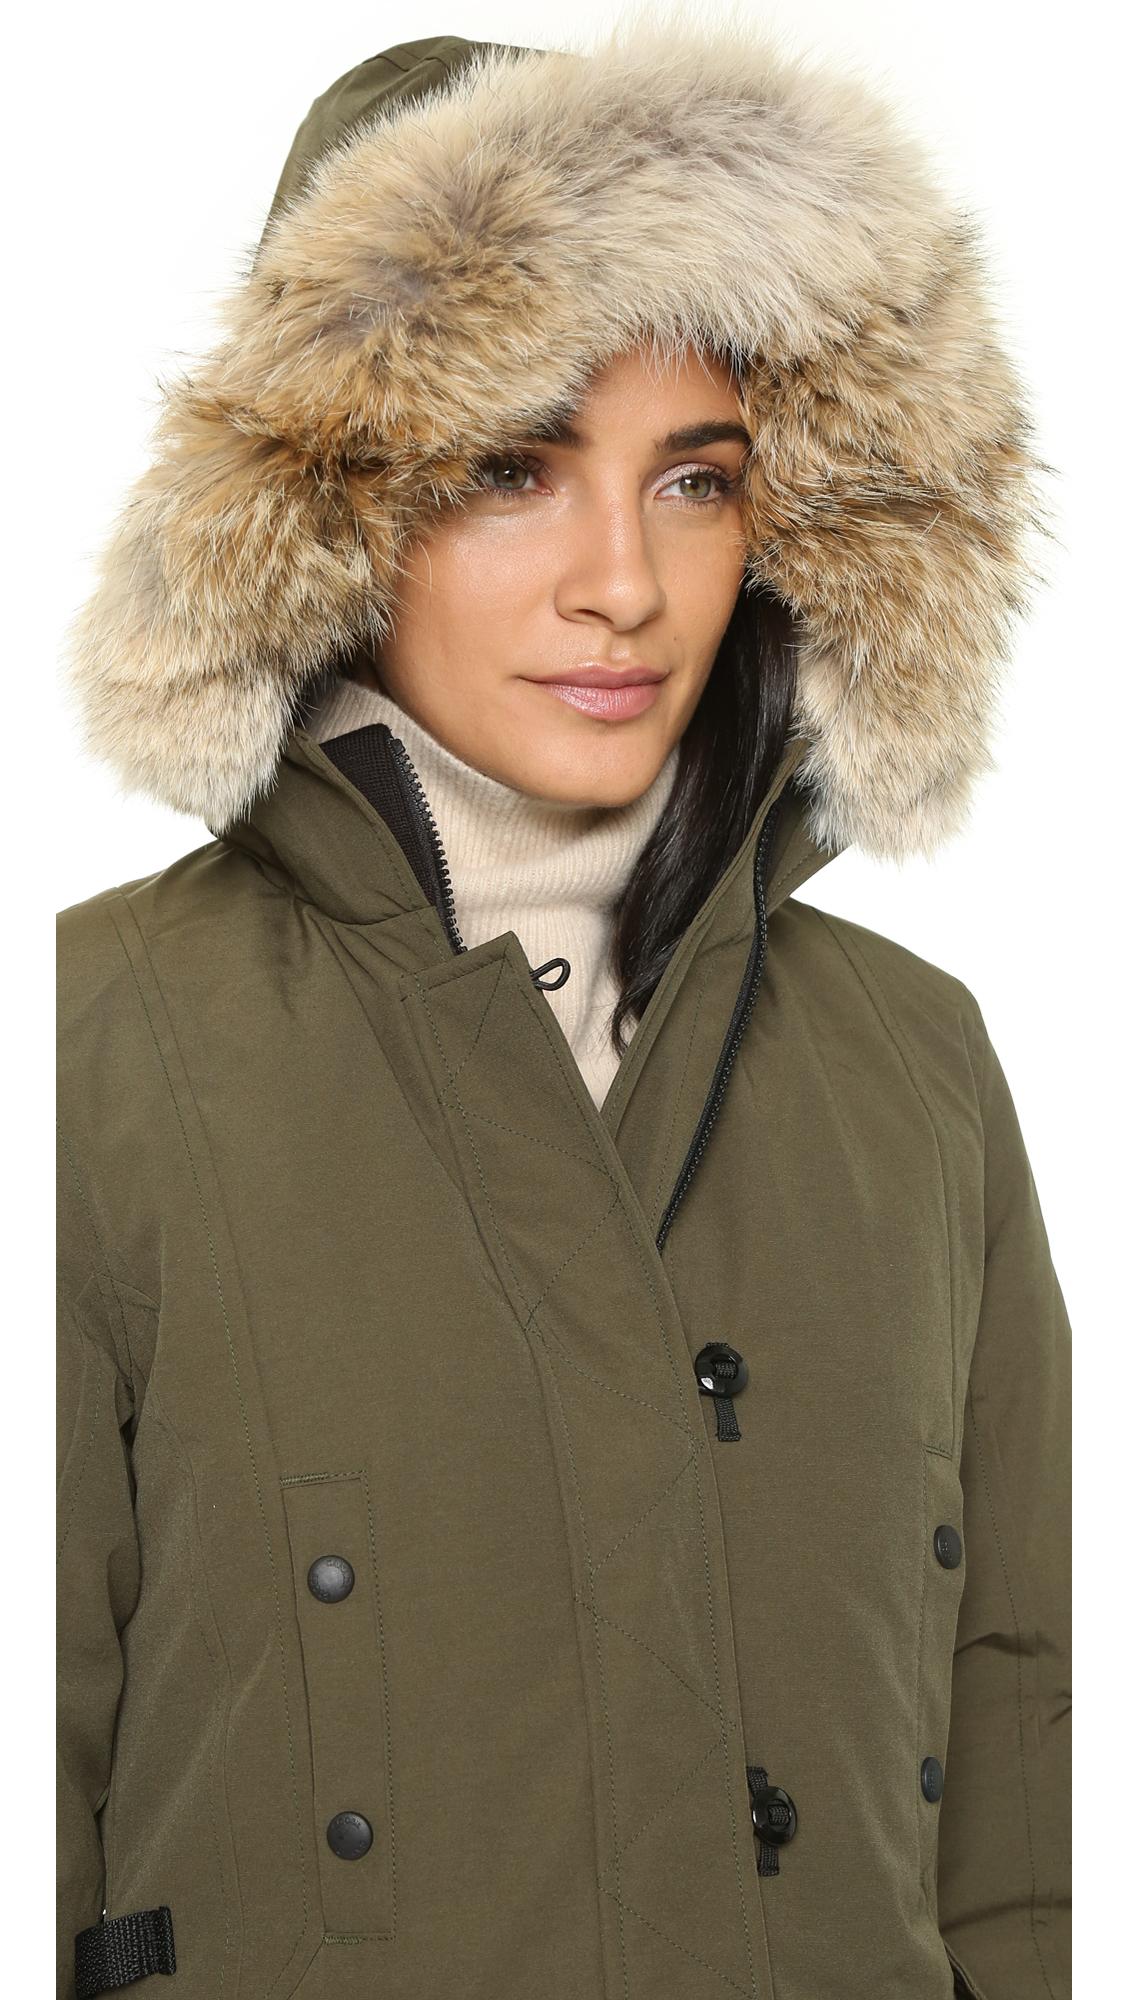 ba885ee025a4 Previously sold at Shopbop · Womens Canada Goose Kensington ...